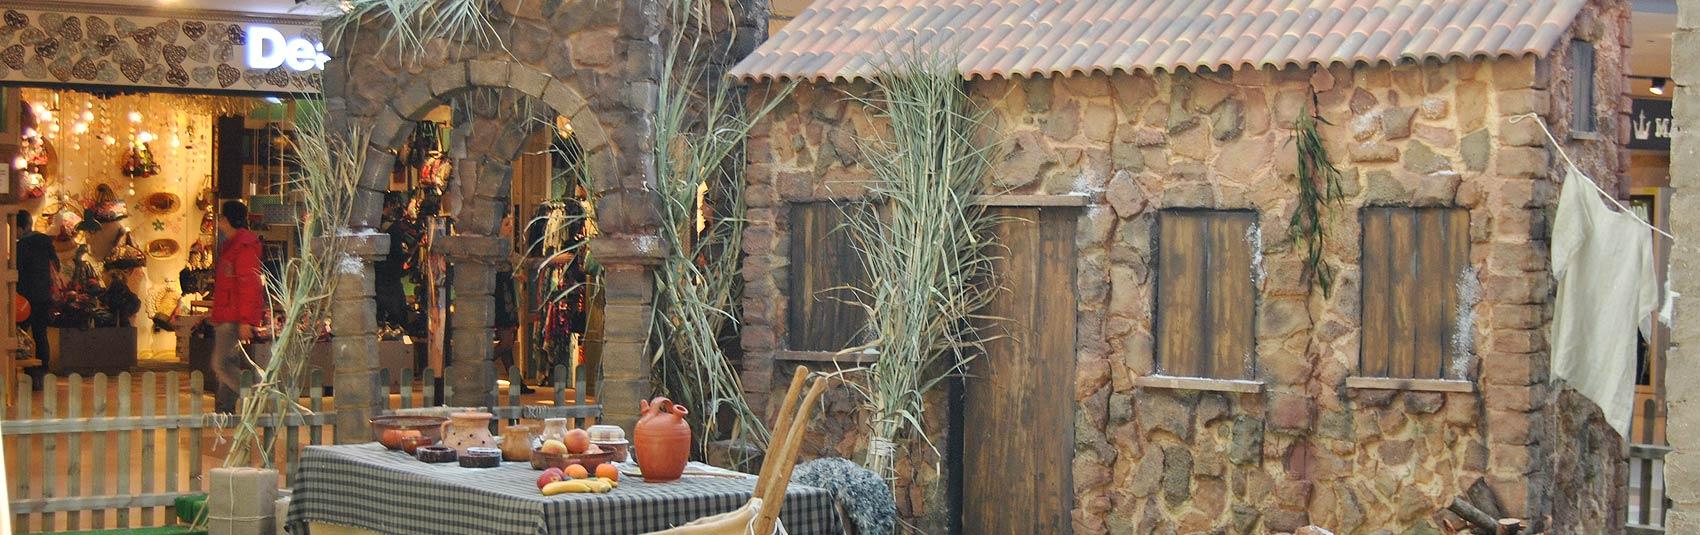 Construcci n decorados porex aplicaci n comercial en for Empresas de construccion en barcelona